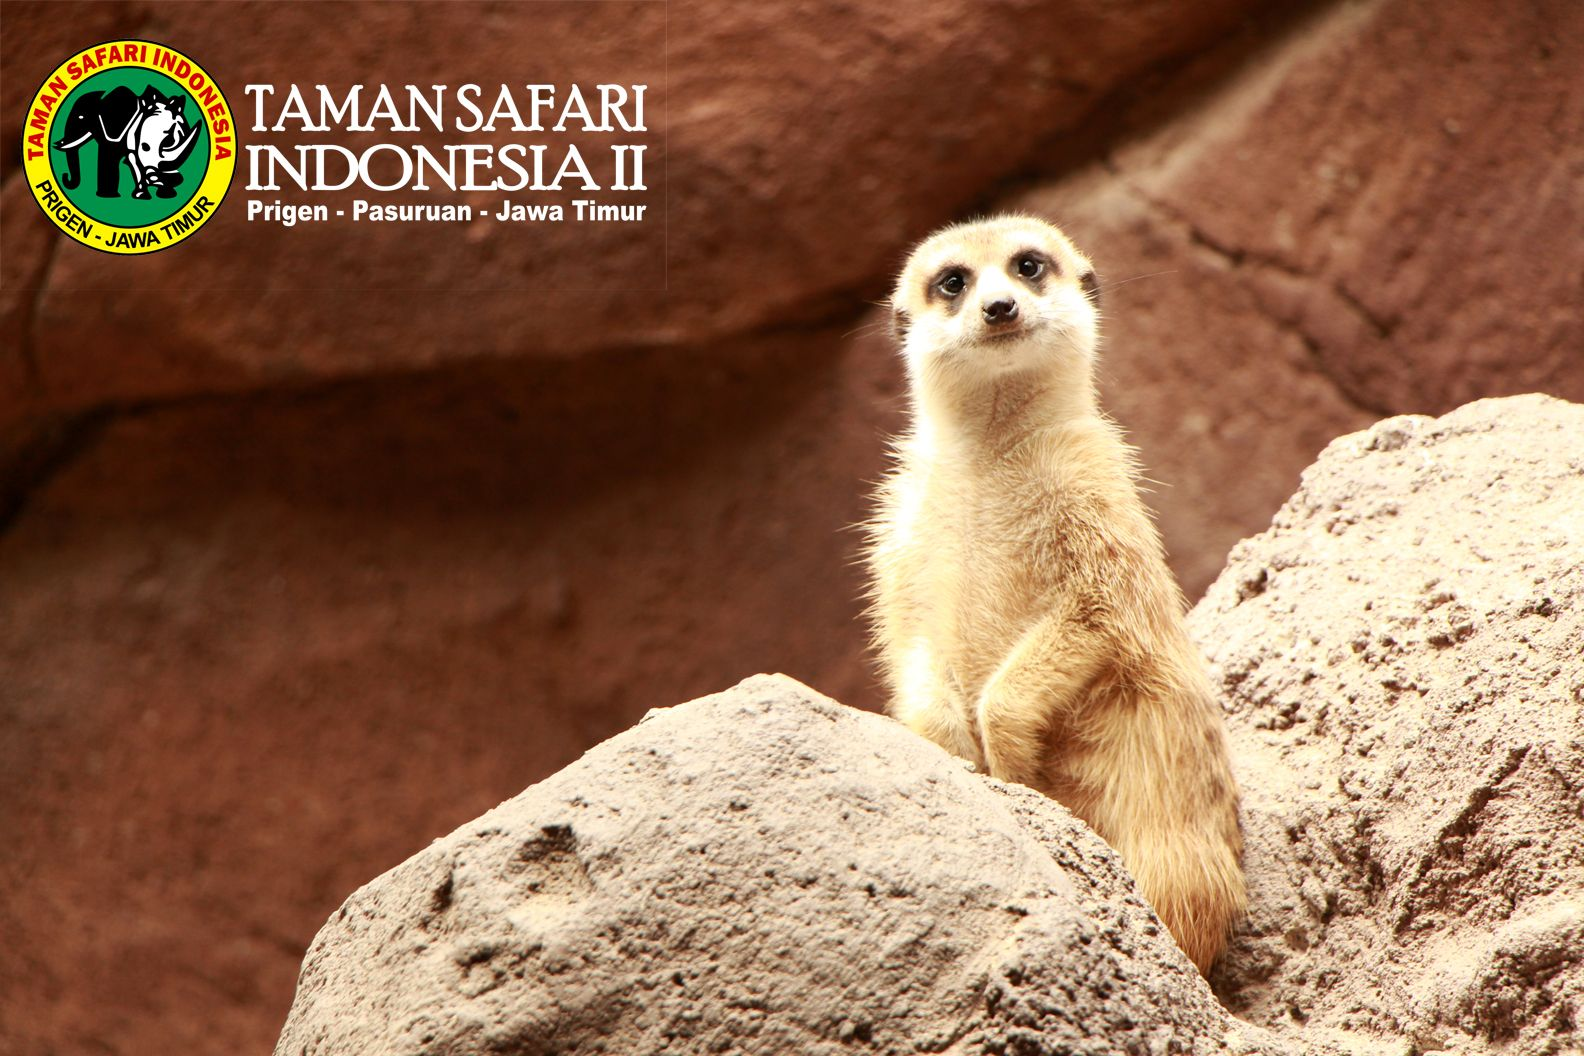 Salah Satu Satwa Yanga Ada Di Taman Safari Indonesia II Prigen